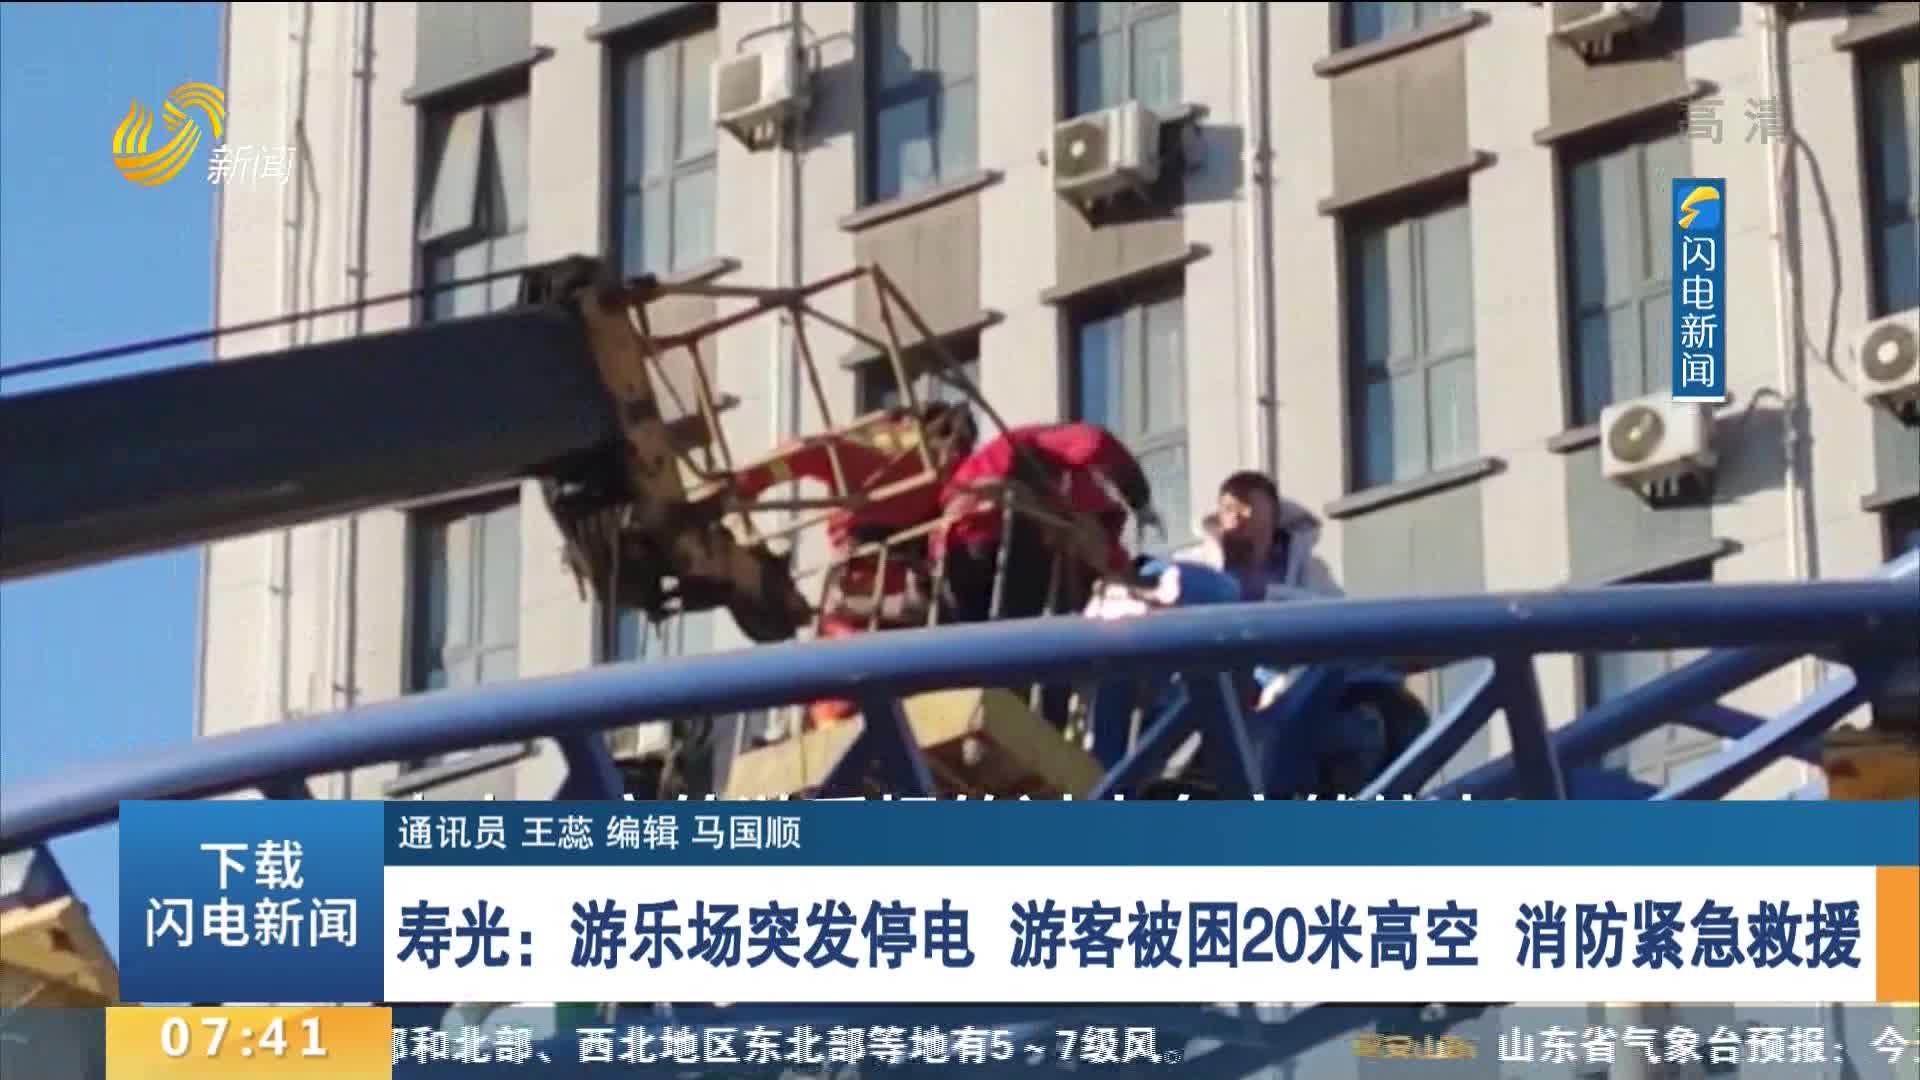 寿光:游乐场突发停电 游客被困20米高空 消防紧急救援